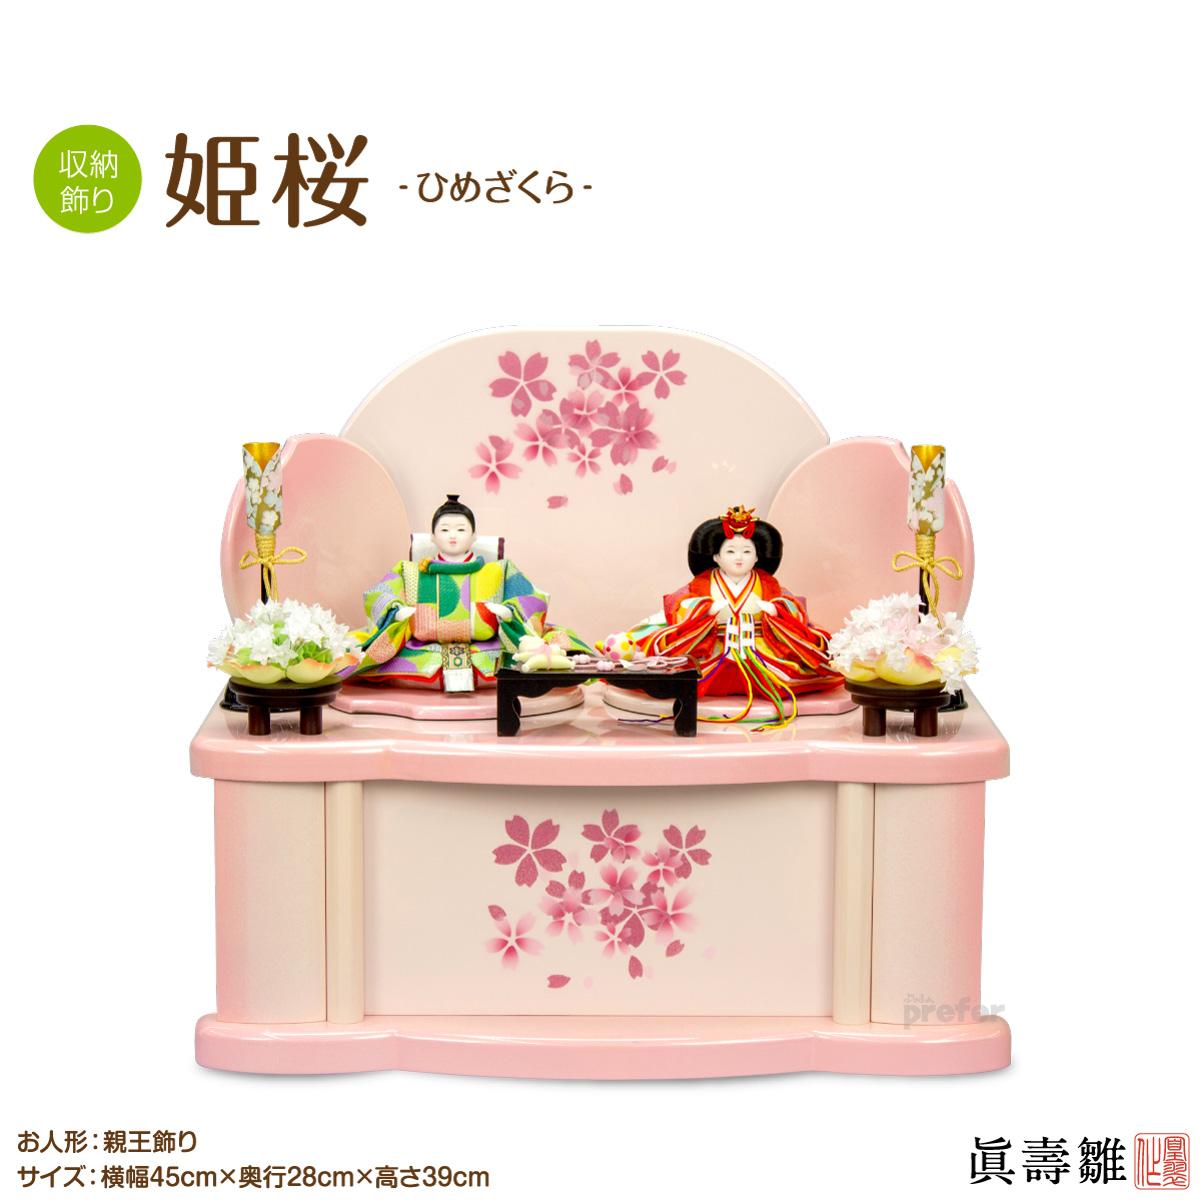 雛人形 収納飾り ひな人形 収納スペース付眞壽雛姫桜(ひめざくら) コンパクト 収納雛 特選